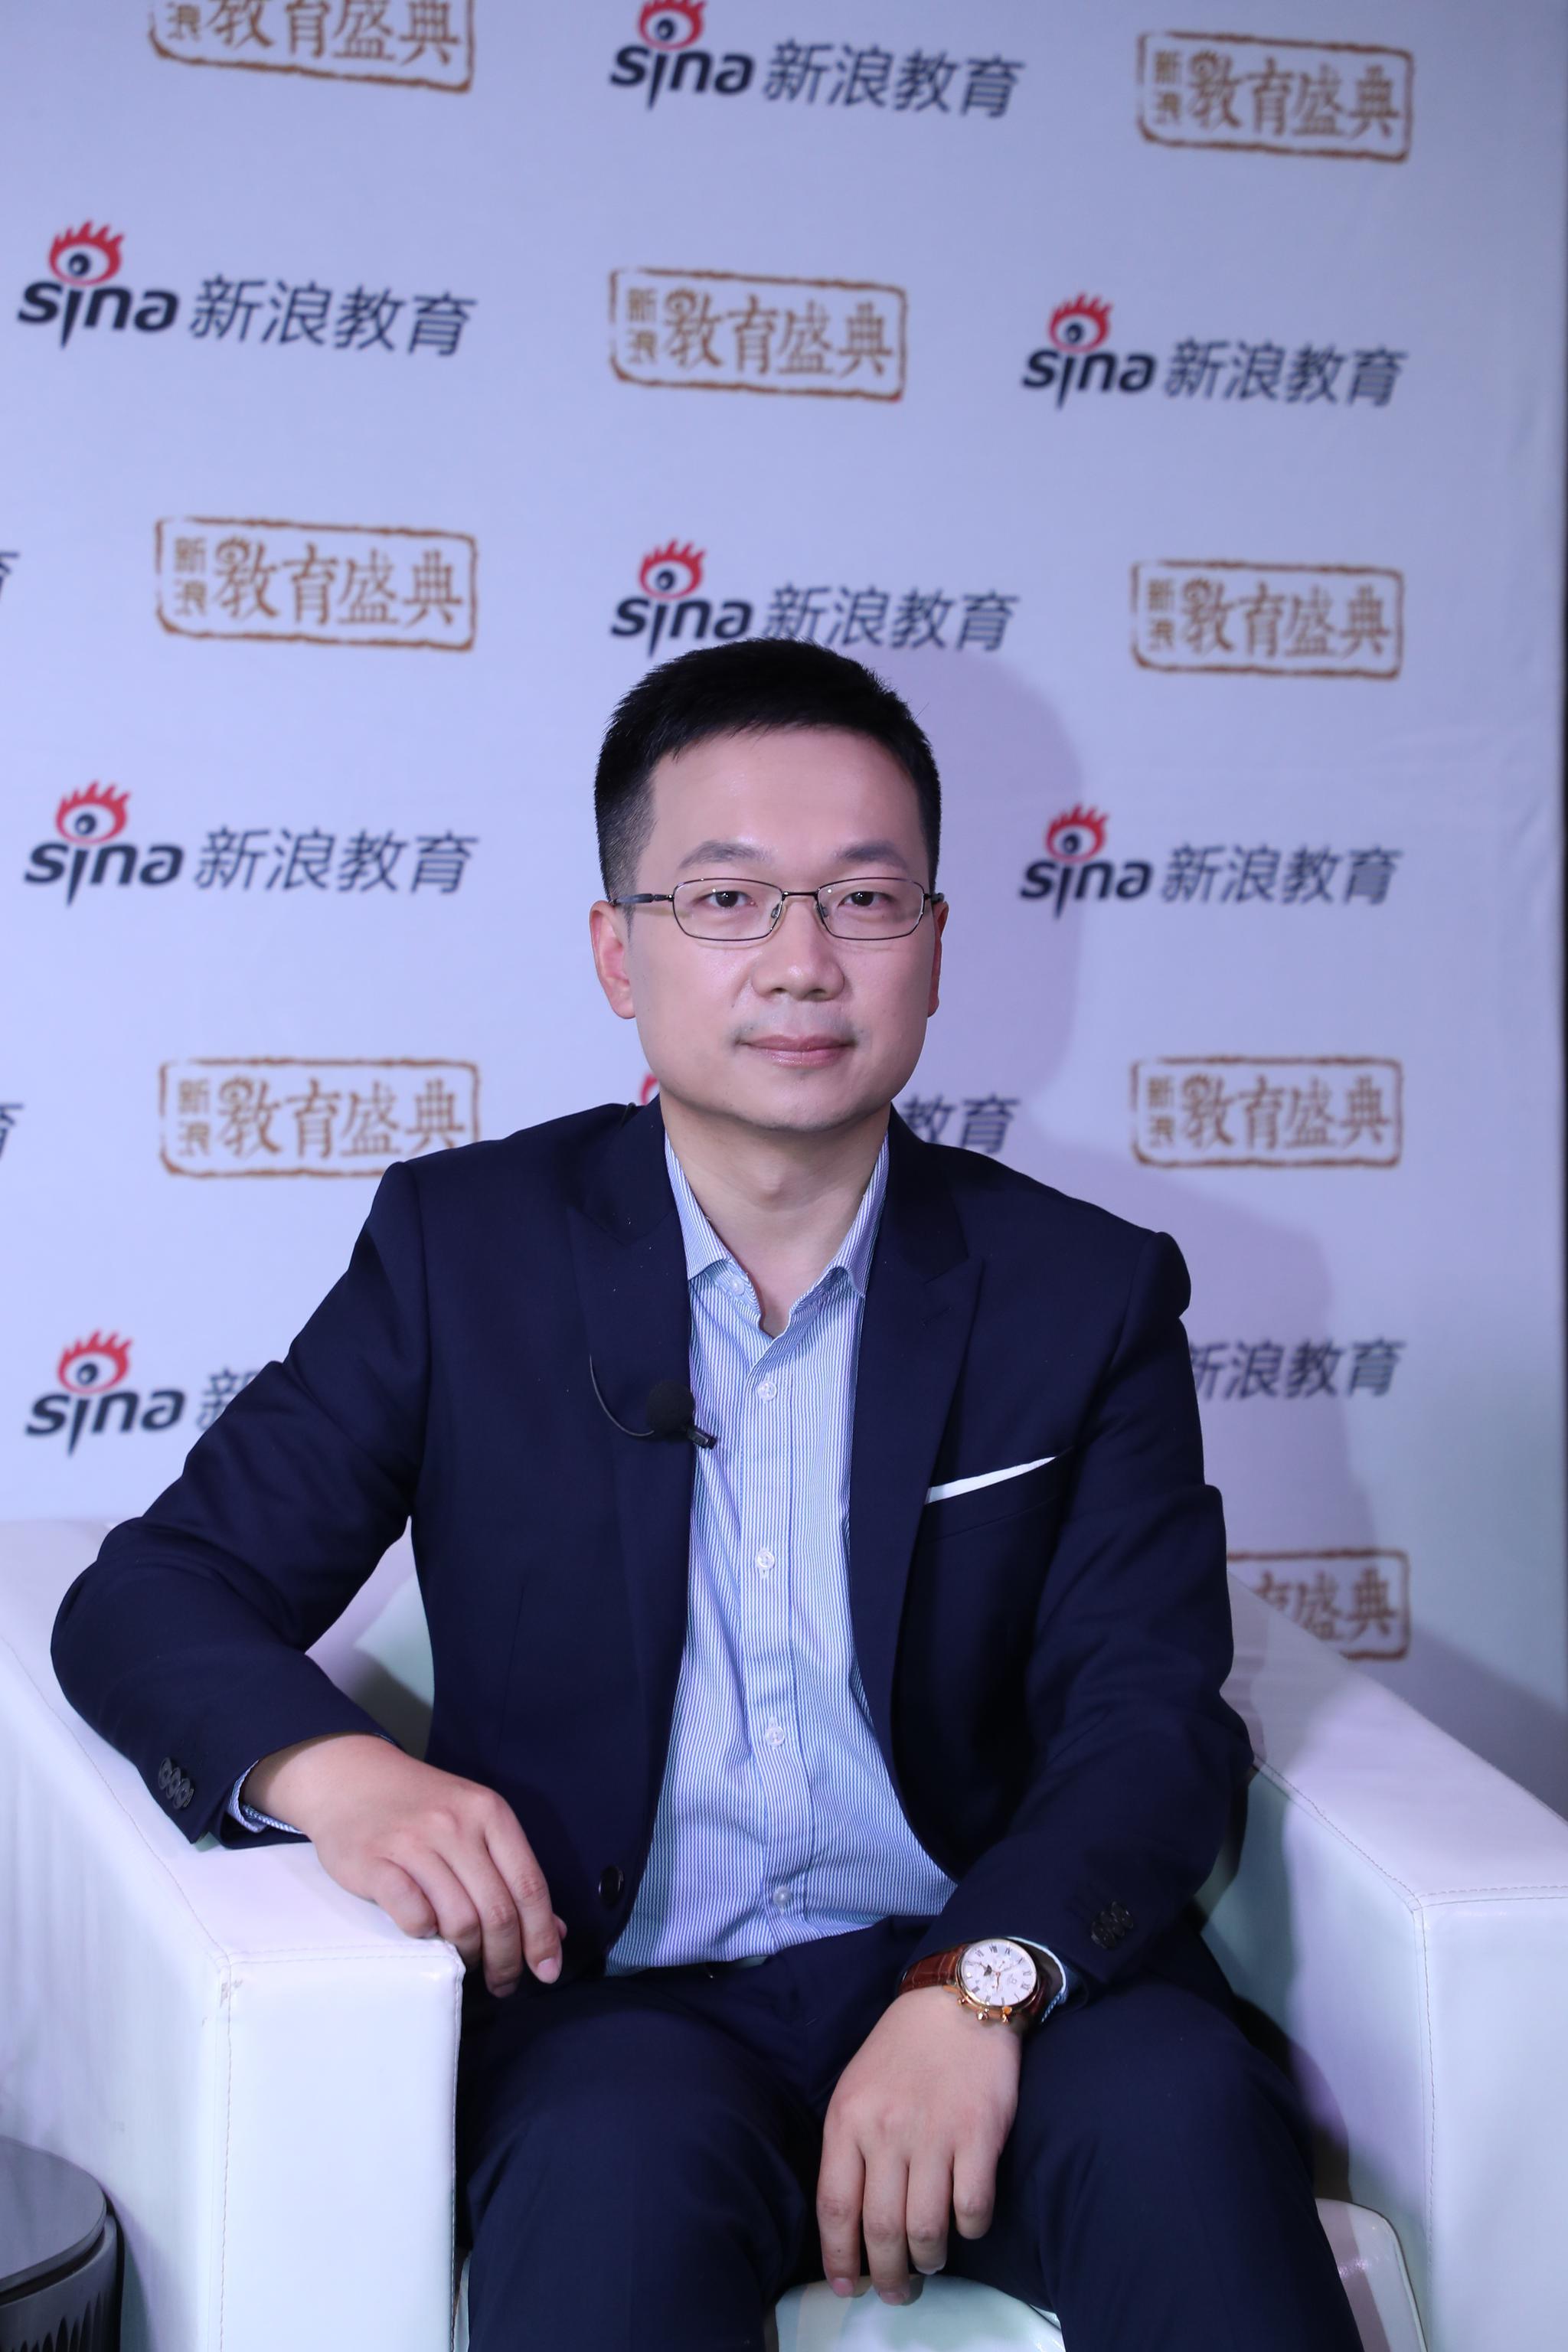 爱贝迪学院市场发展总监 刘春晓